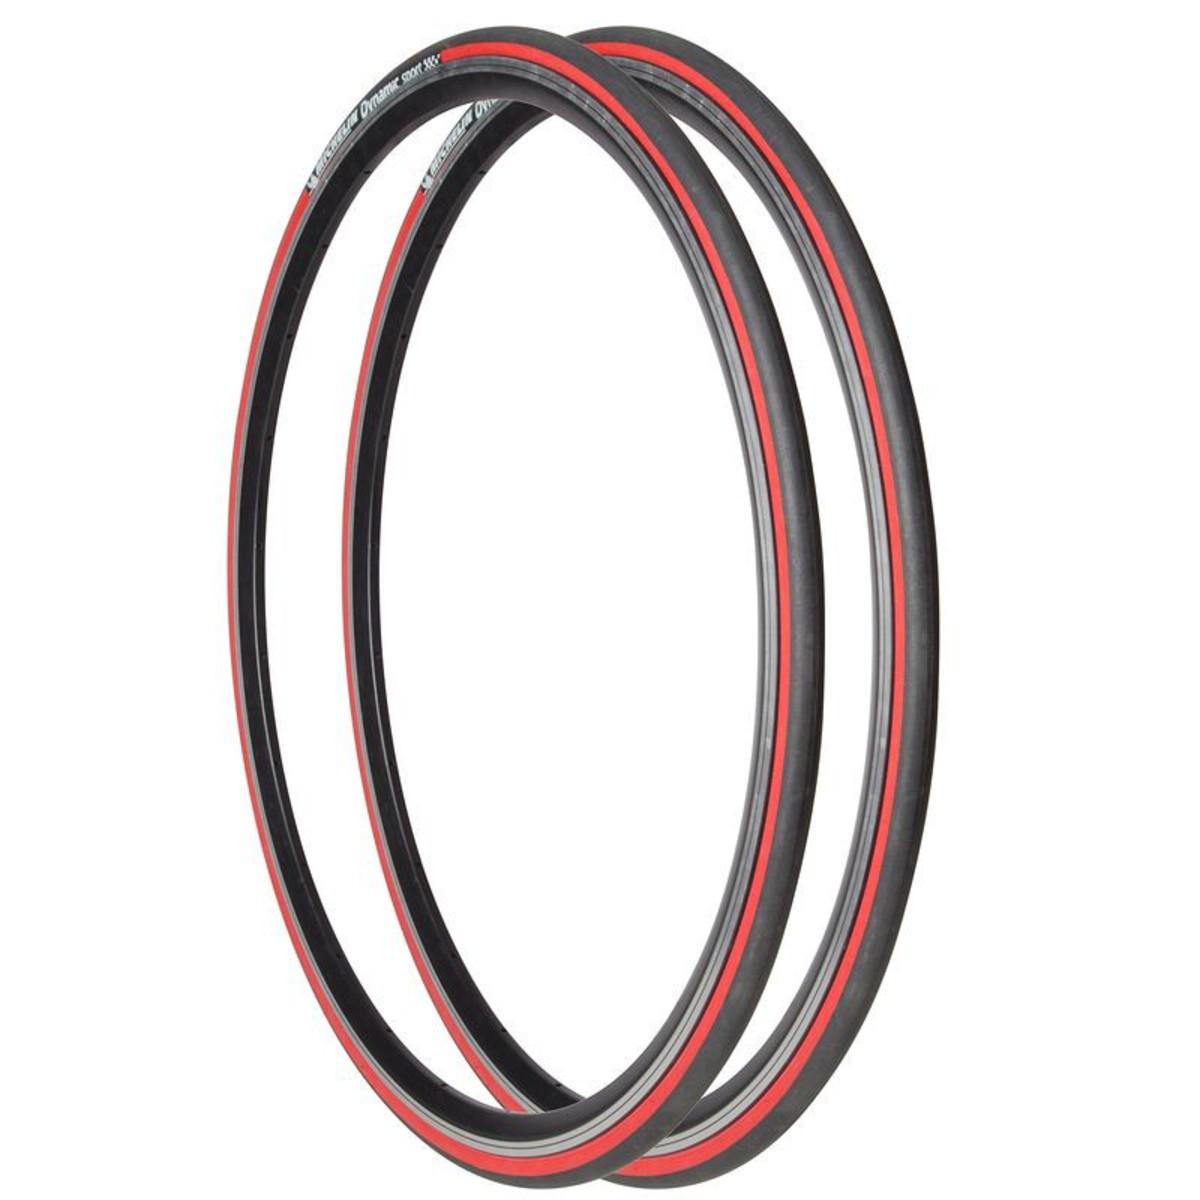 Bild 3 von MICHELIN 2 Drahtreifen Rennrad Dynamic Sport 700x23 (23-622) rot, Größe: Alle